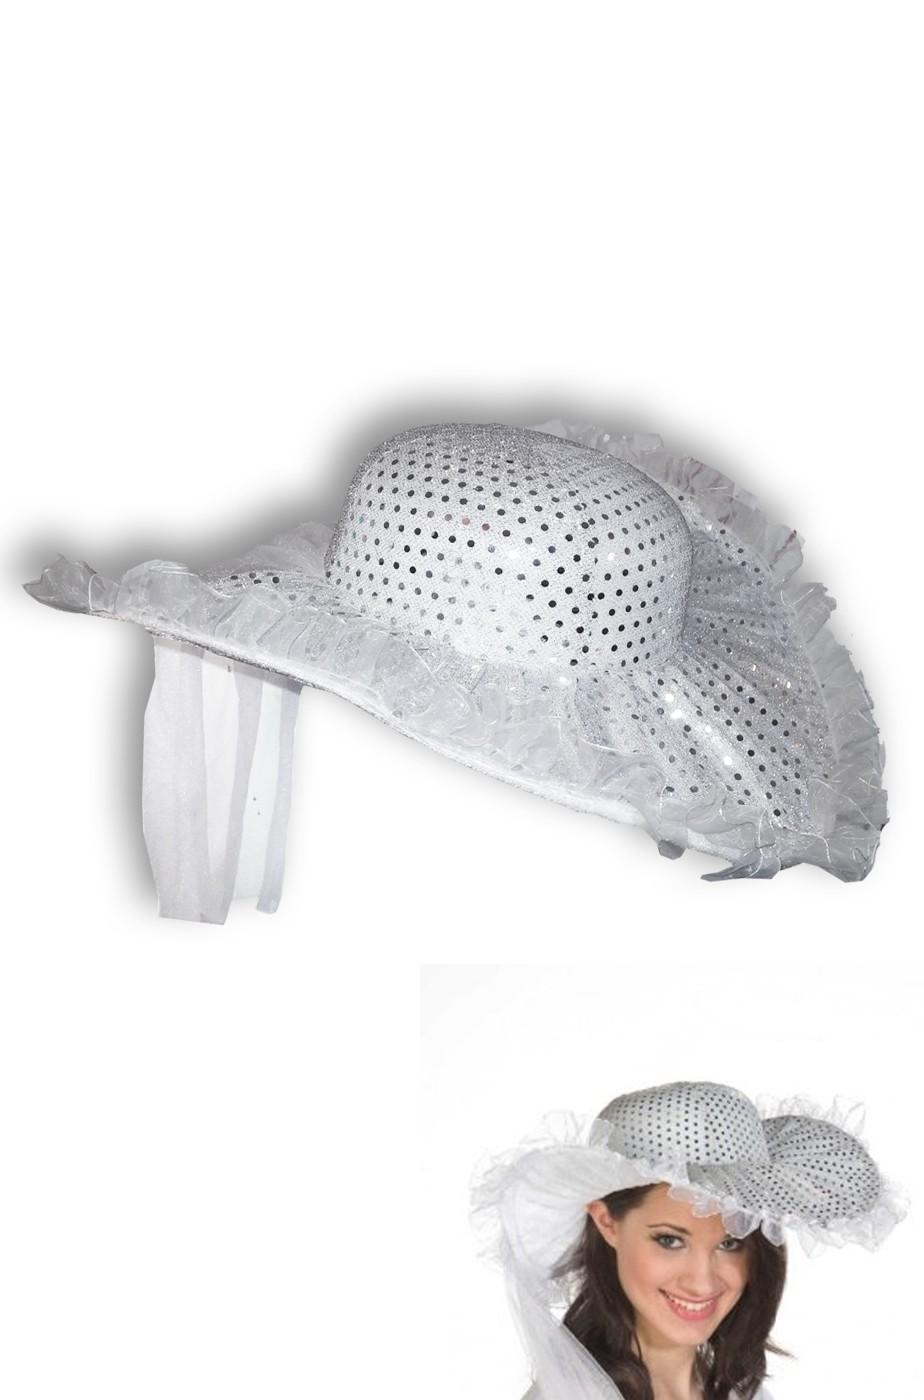 bello economico ultime versioni famoso marchio di stilisti Cappello a falde larghe da sposa con veletta e paillette